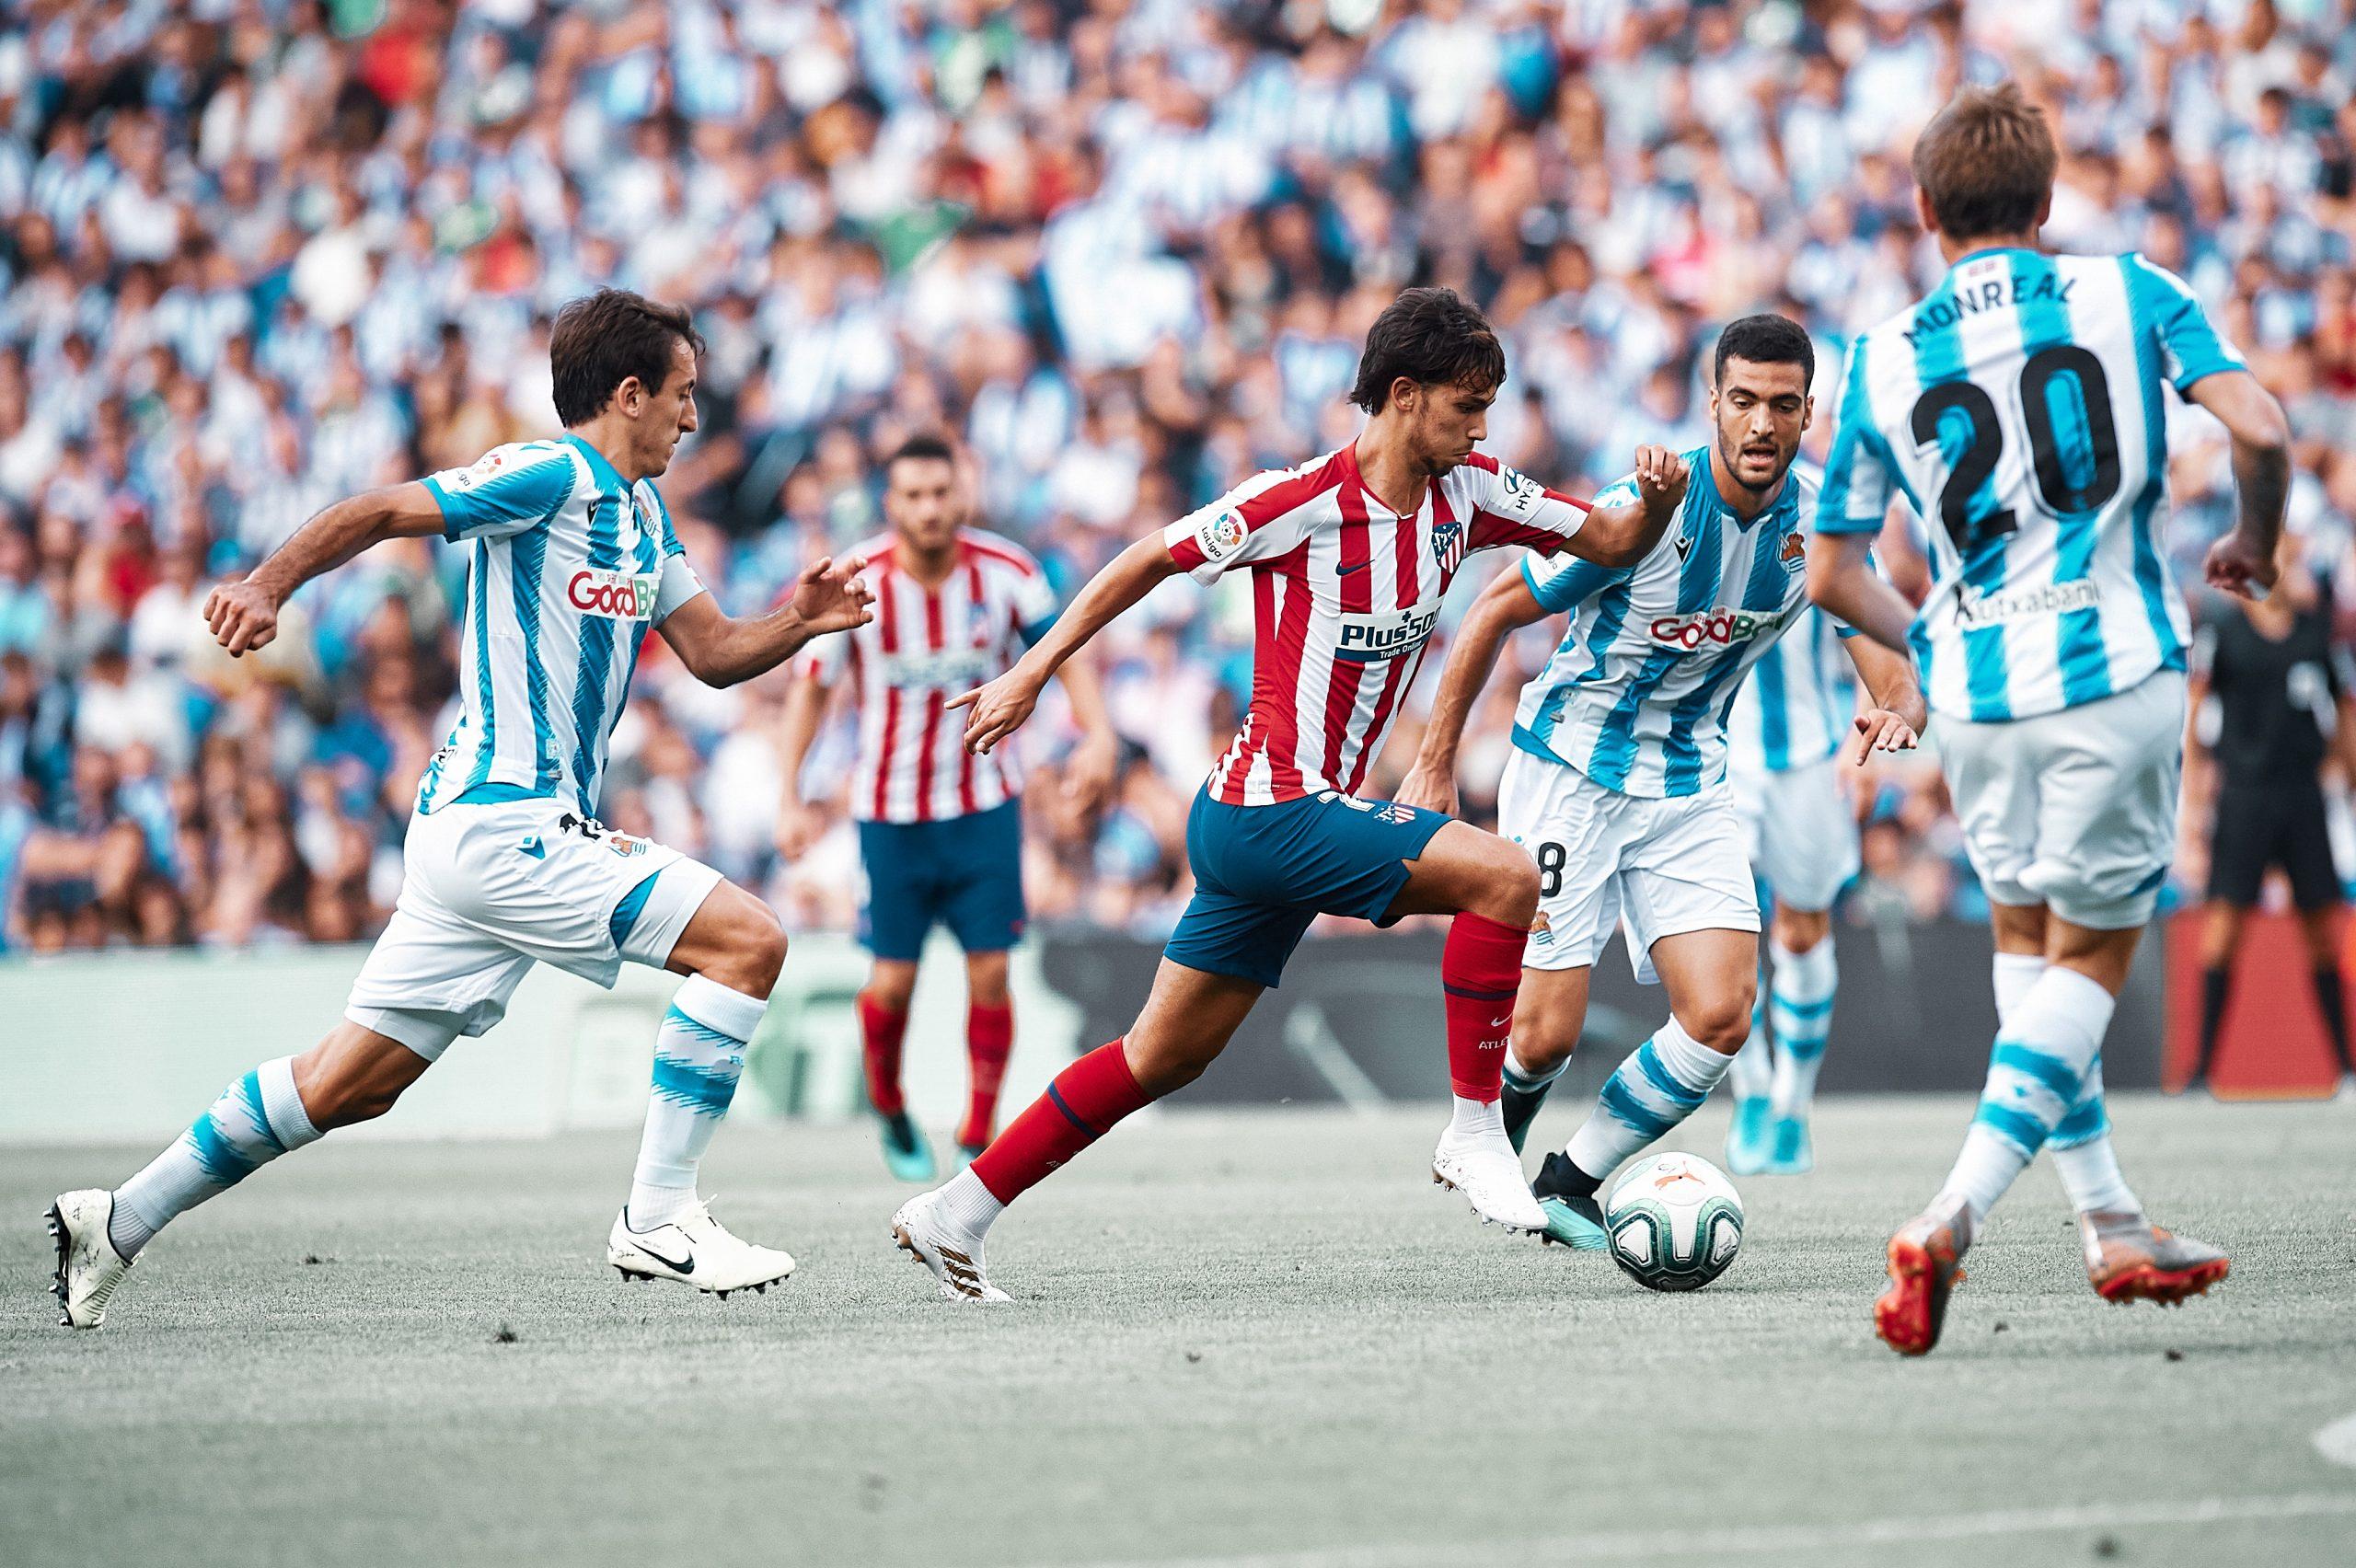 La Liga preview: How will each team fare in the 2020/21 season? | Barca  Universal